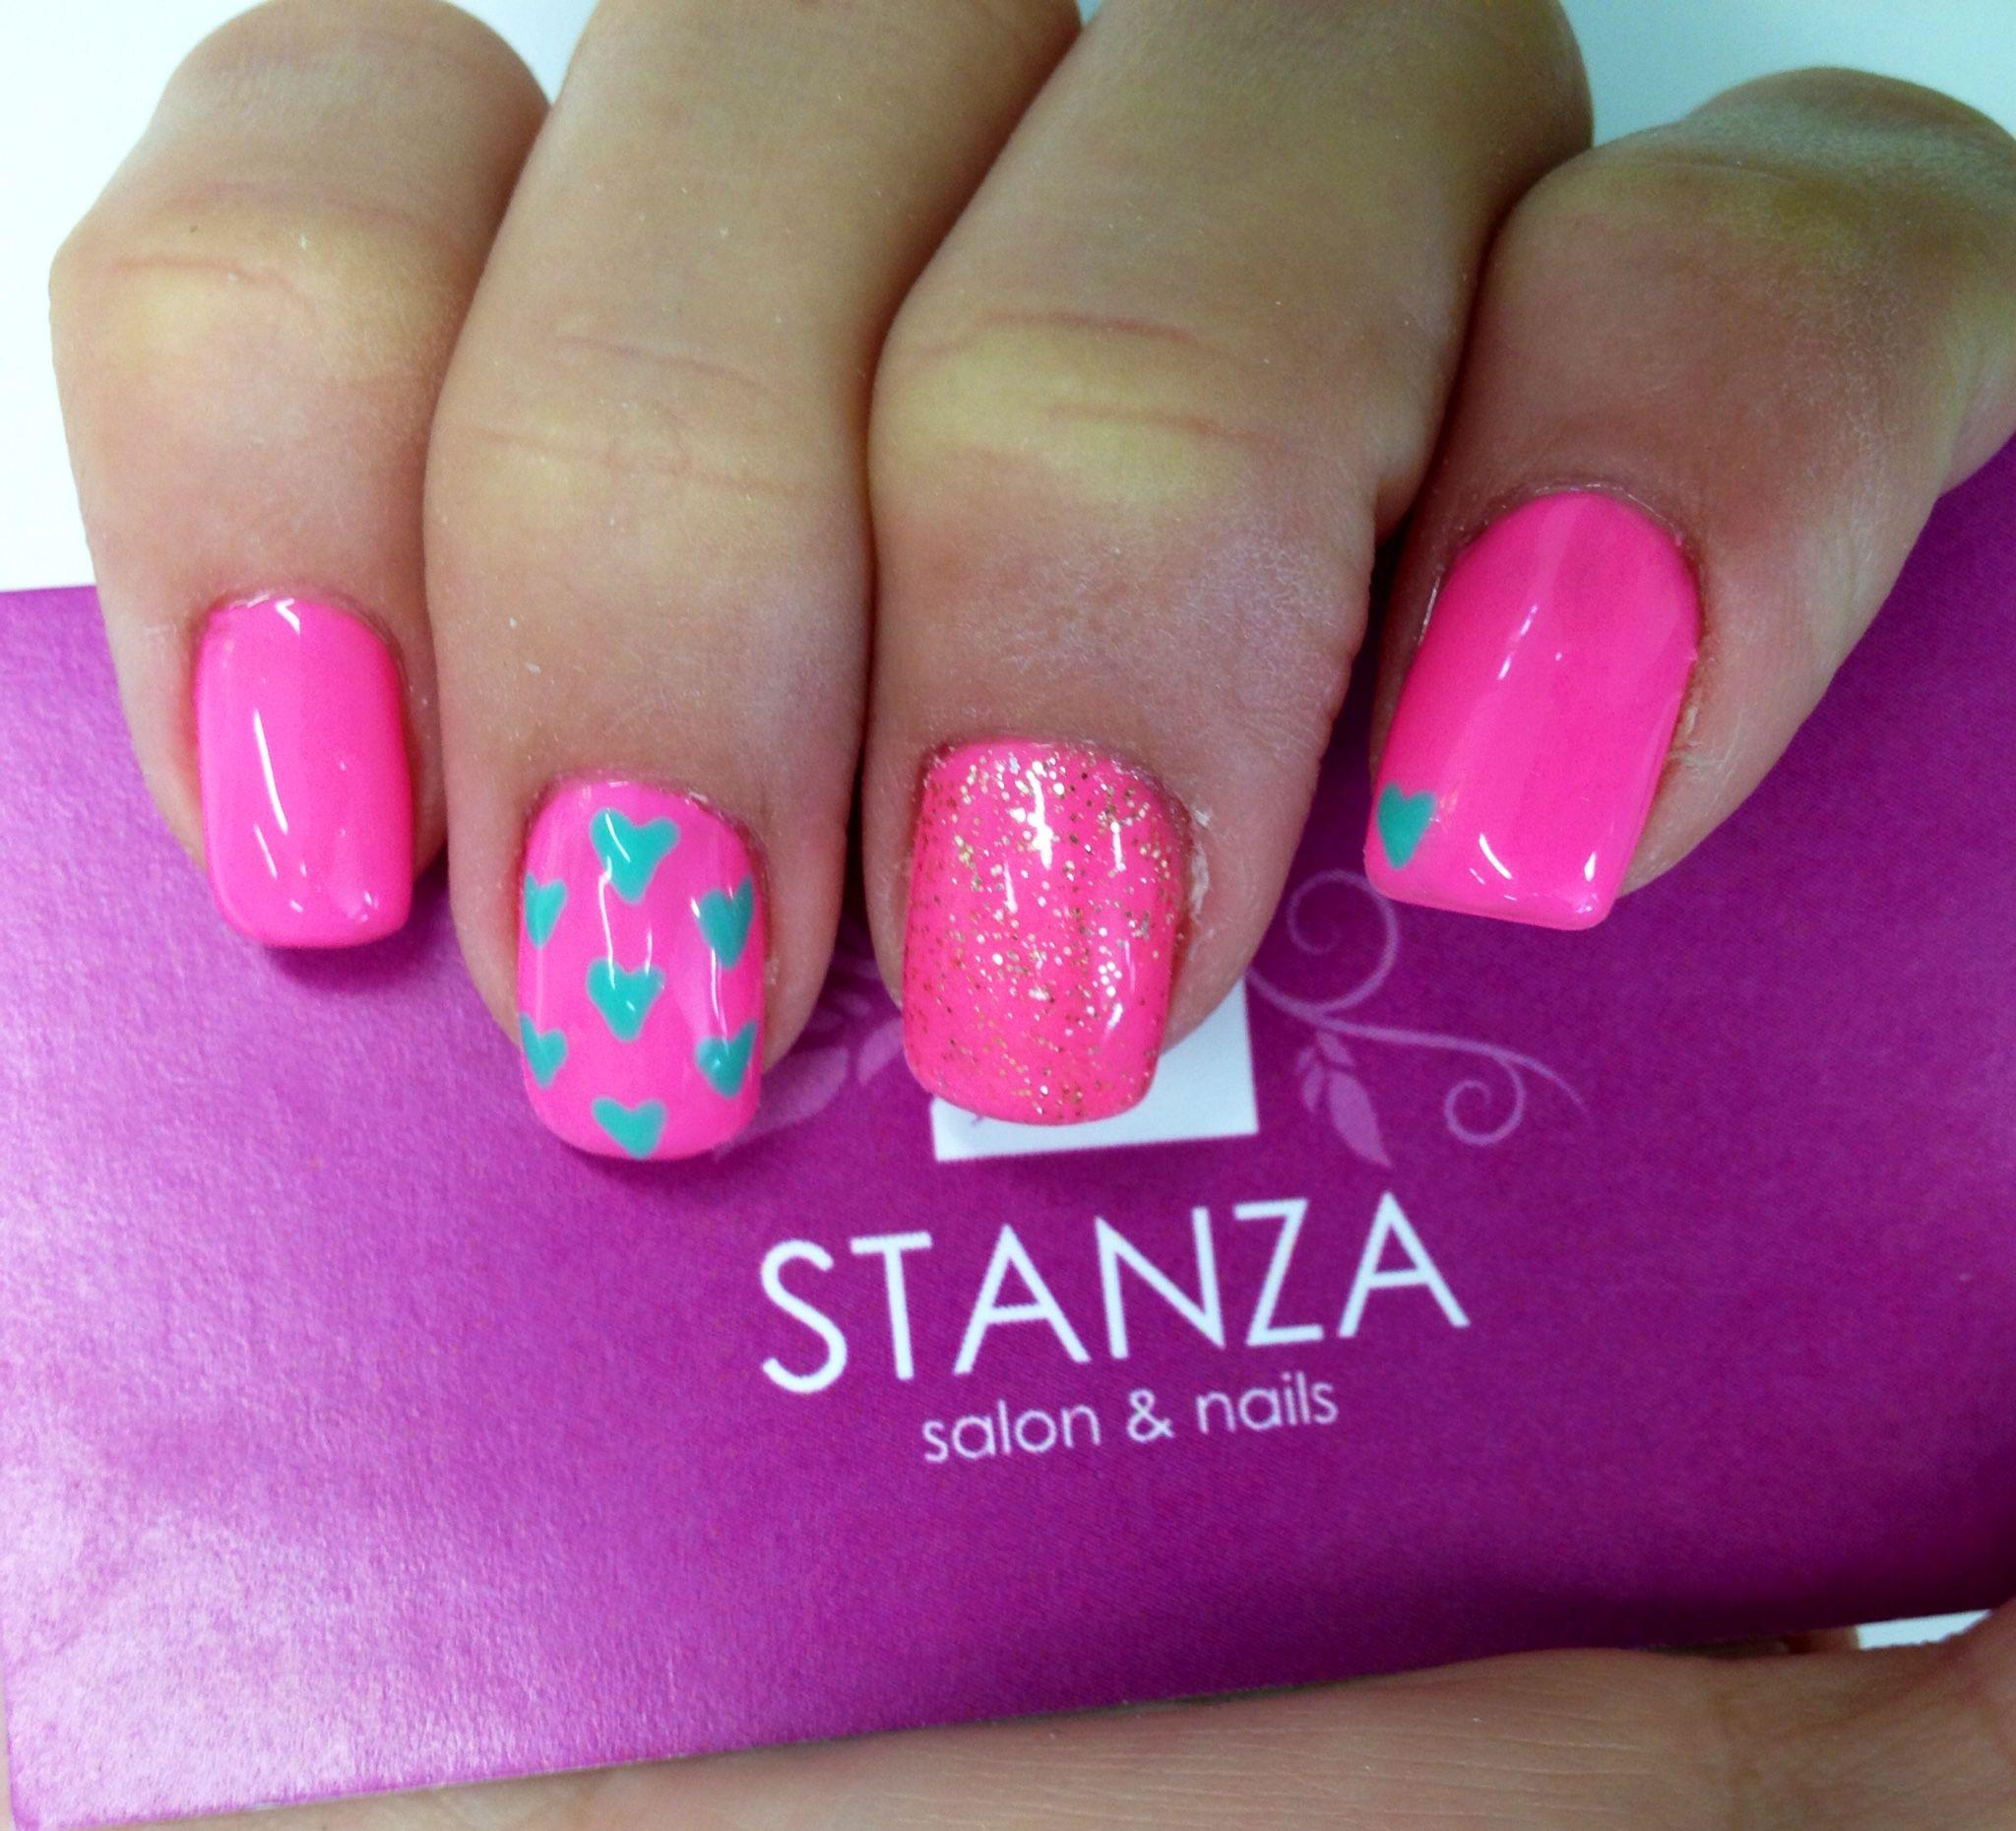 Nice Neon Pink Nails Pinterest Photos - Nail Art Ideas - morihati.com